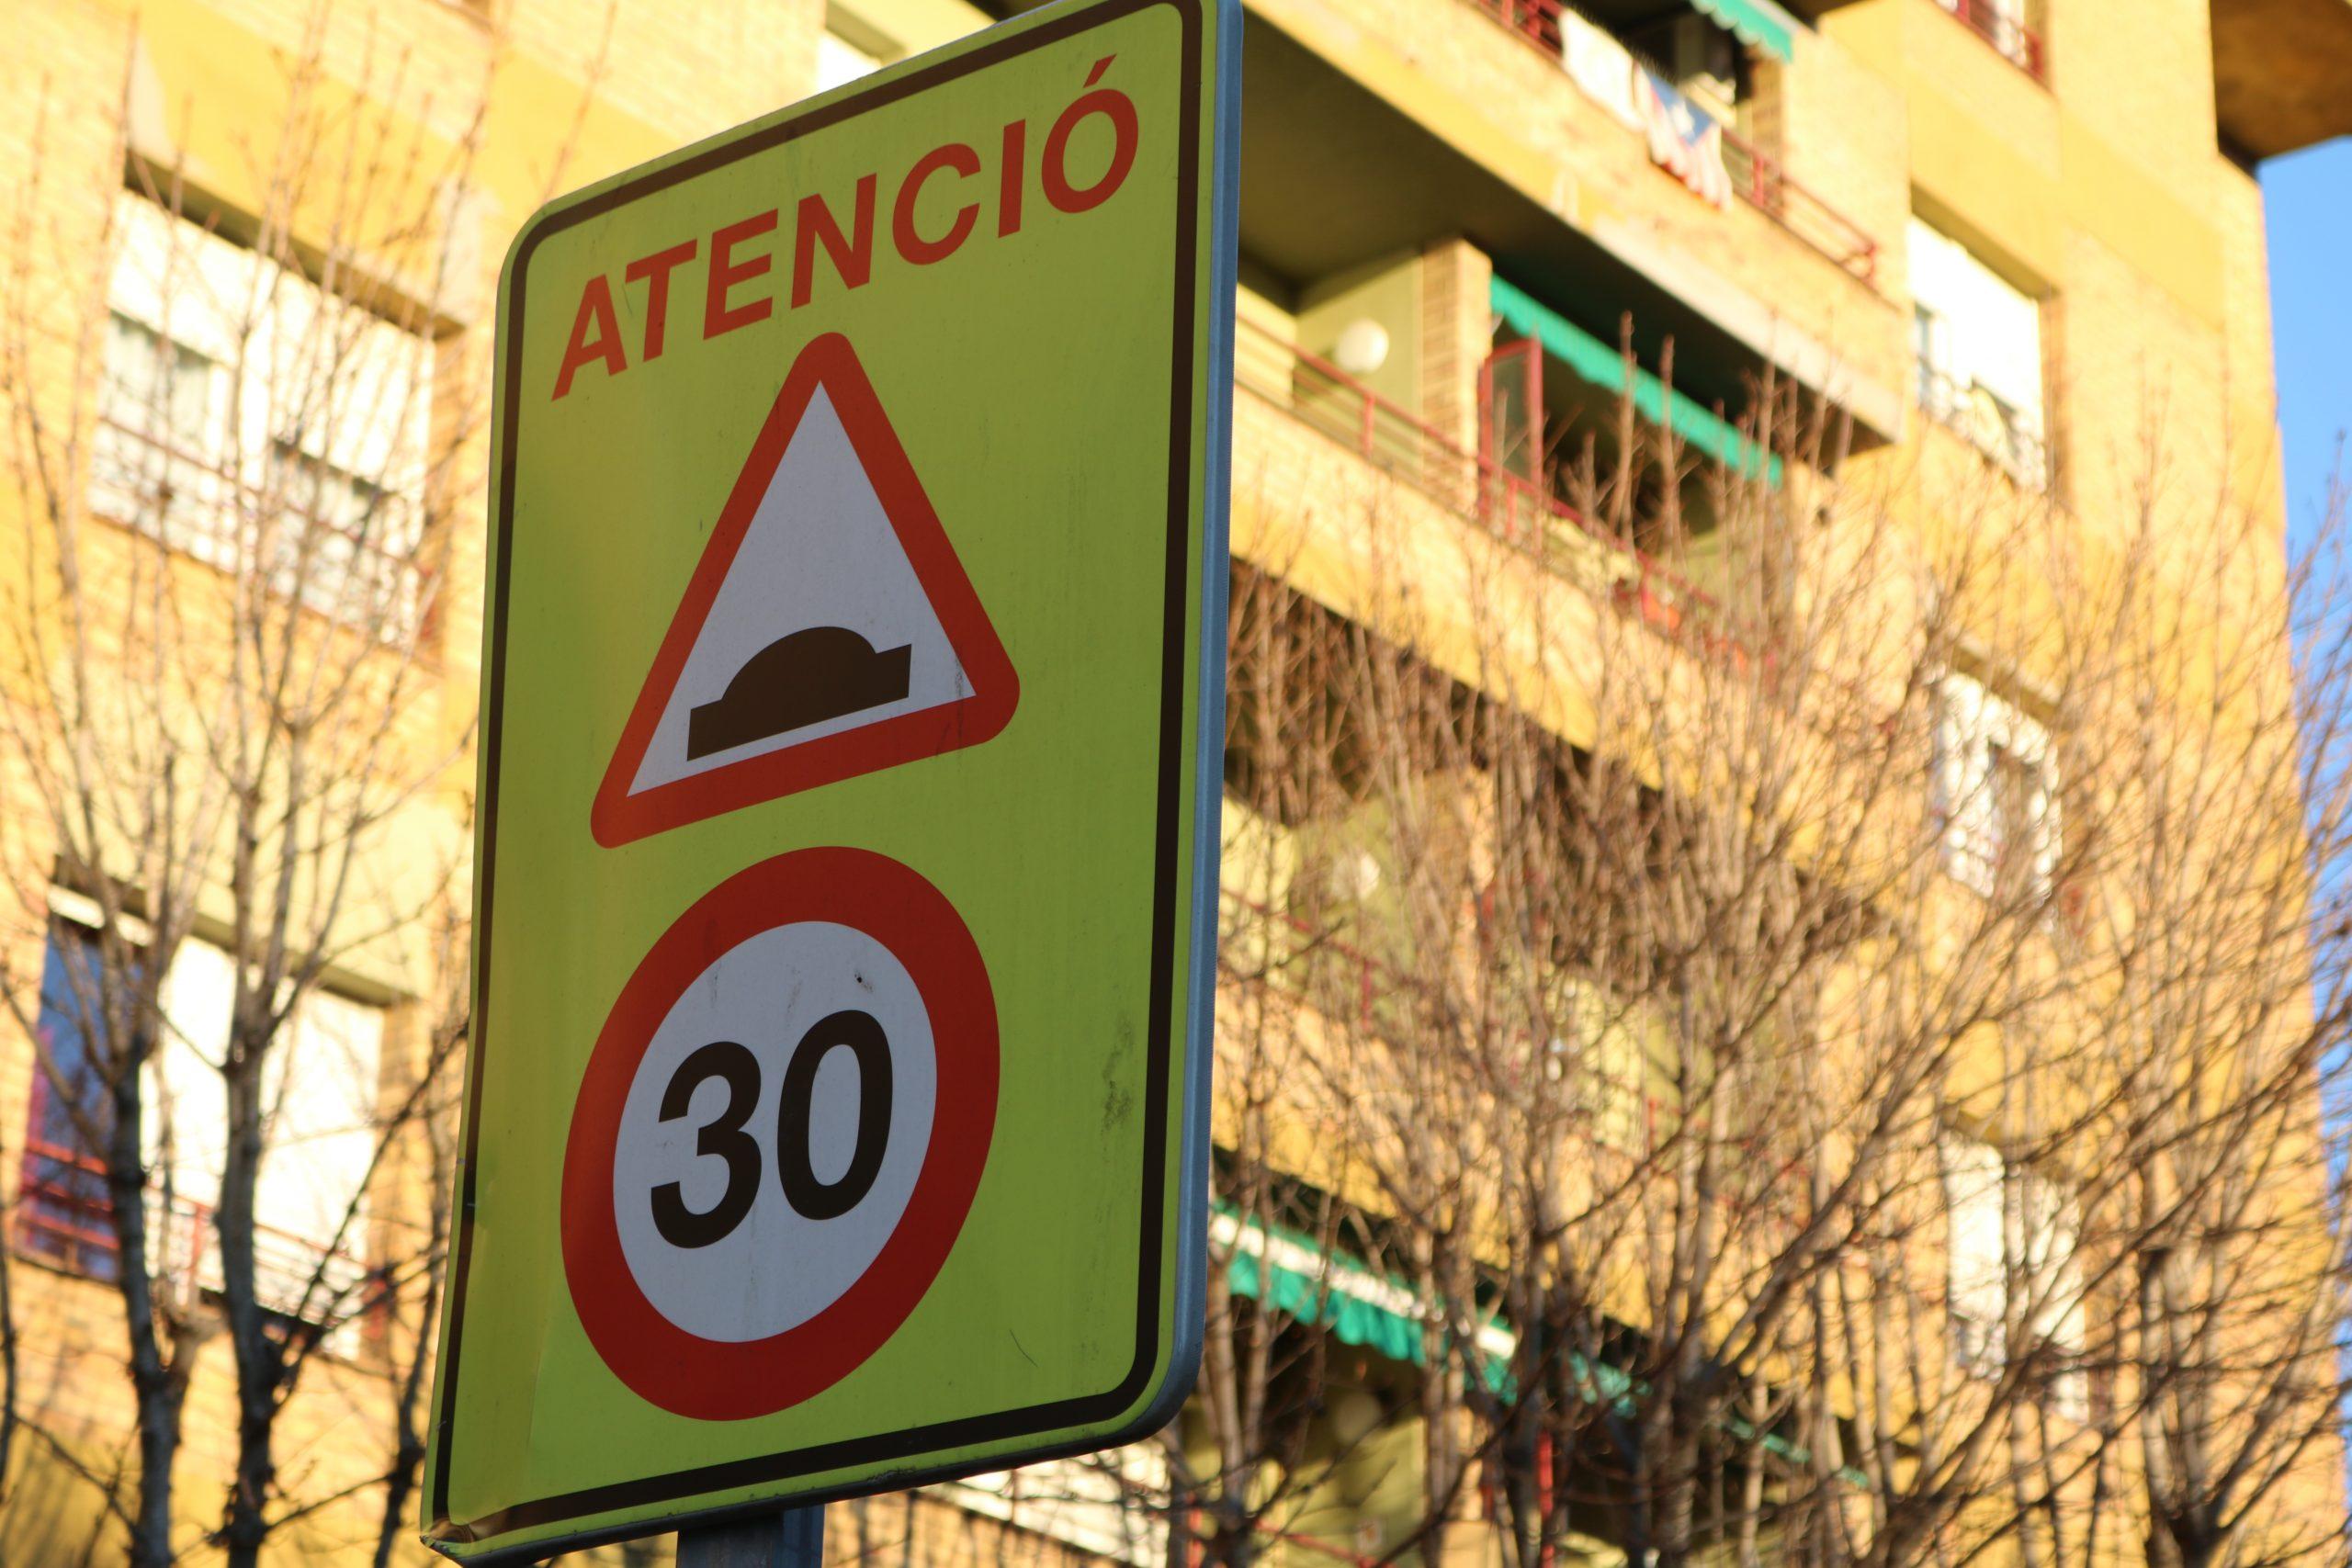 La Policia Municipal d'Olot comença a multar pels 30 km/h